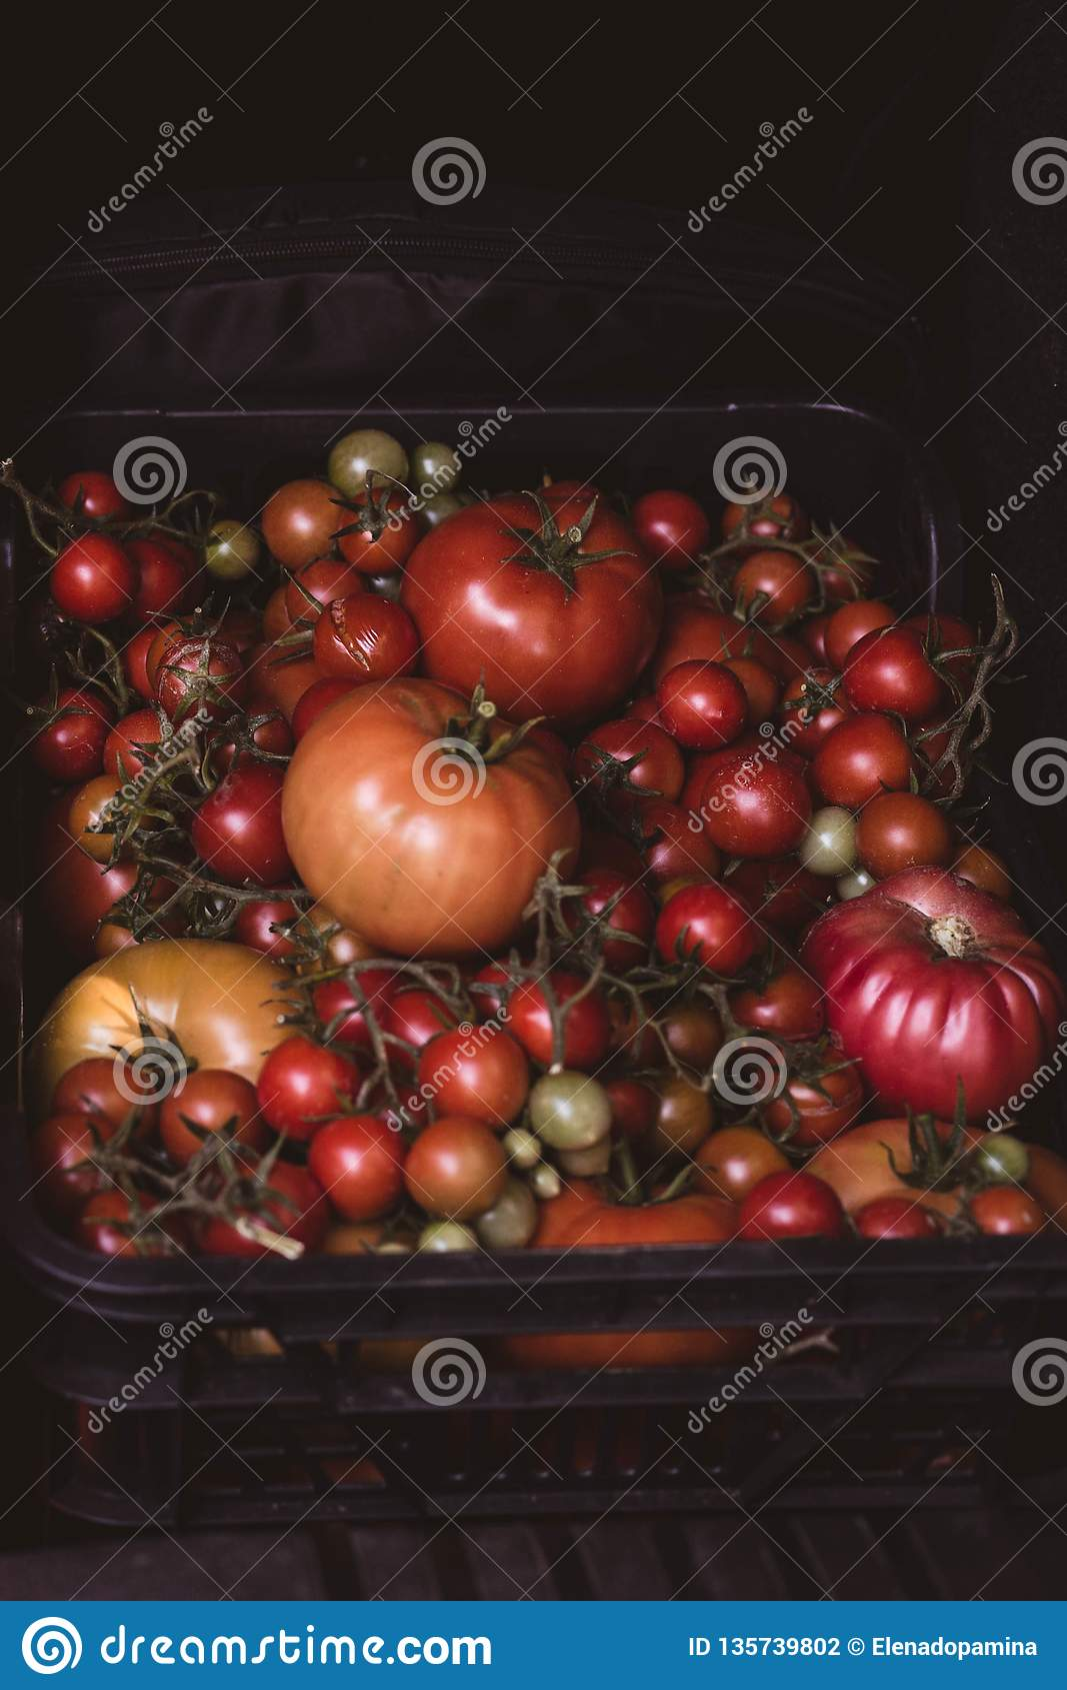 Escolheu recentemente os tomates enchidos em uma caixa